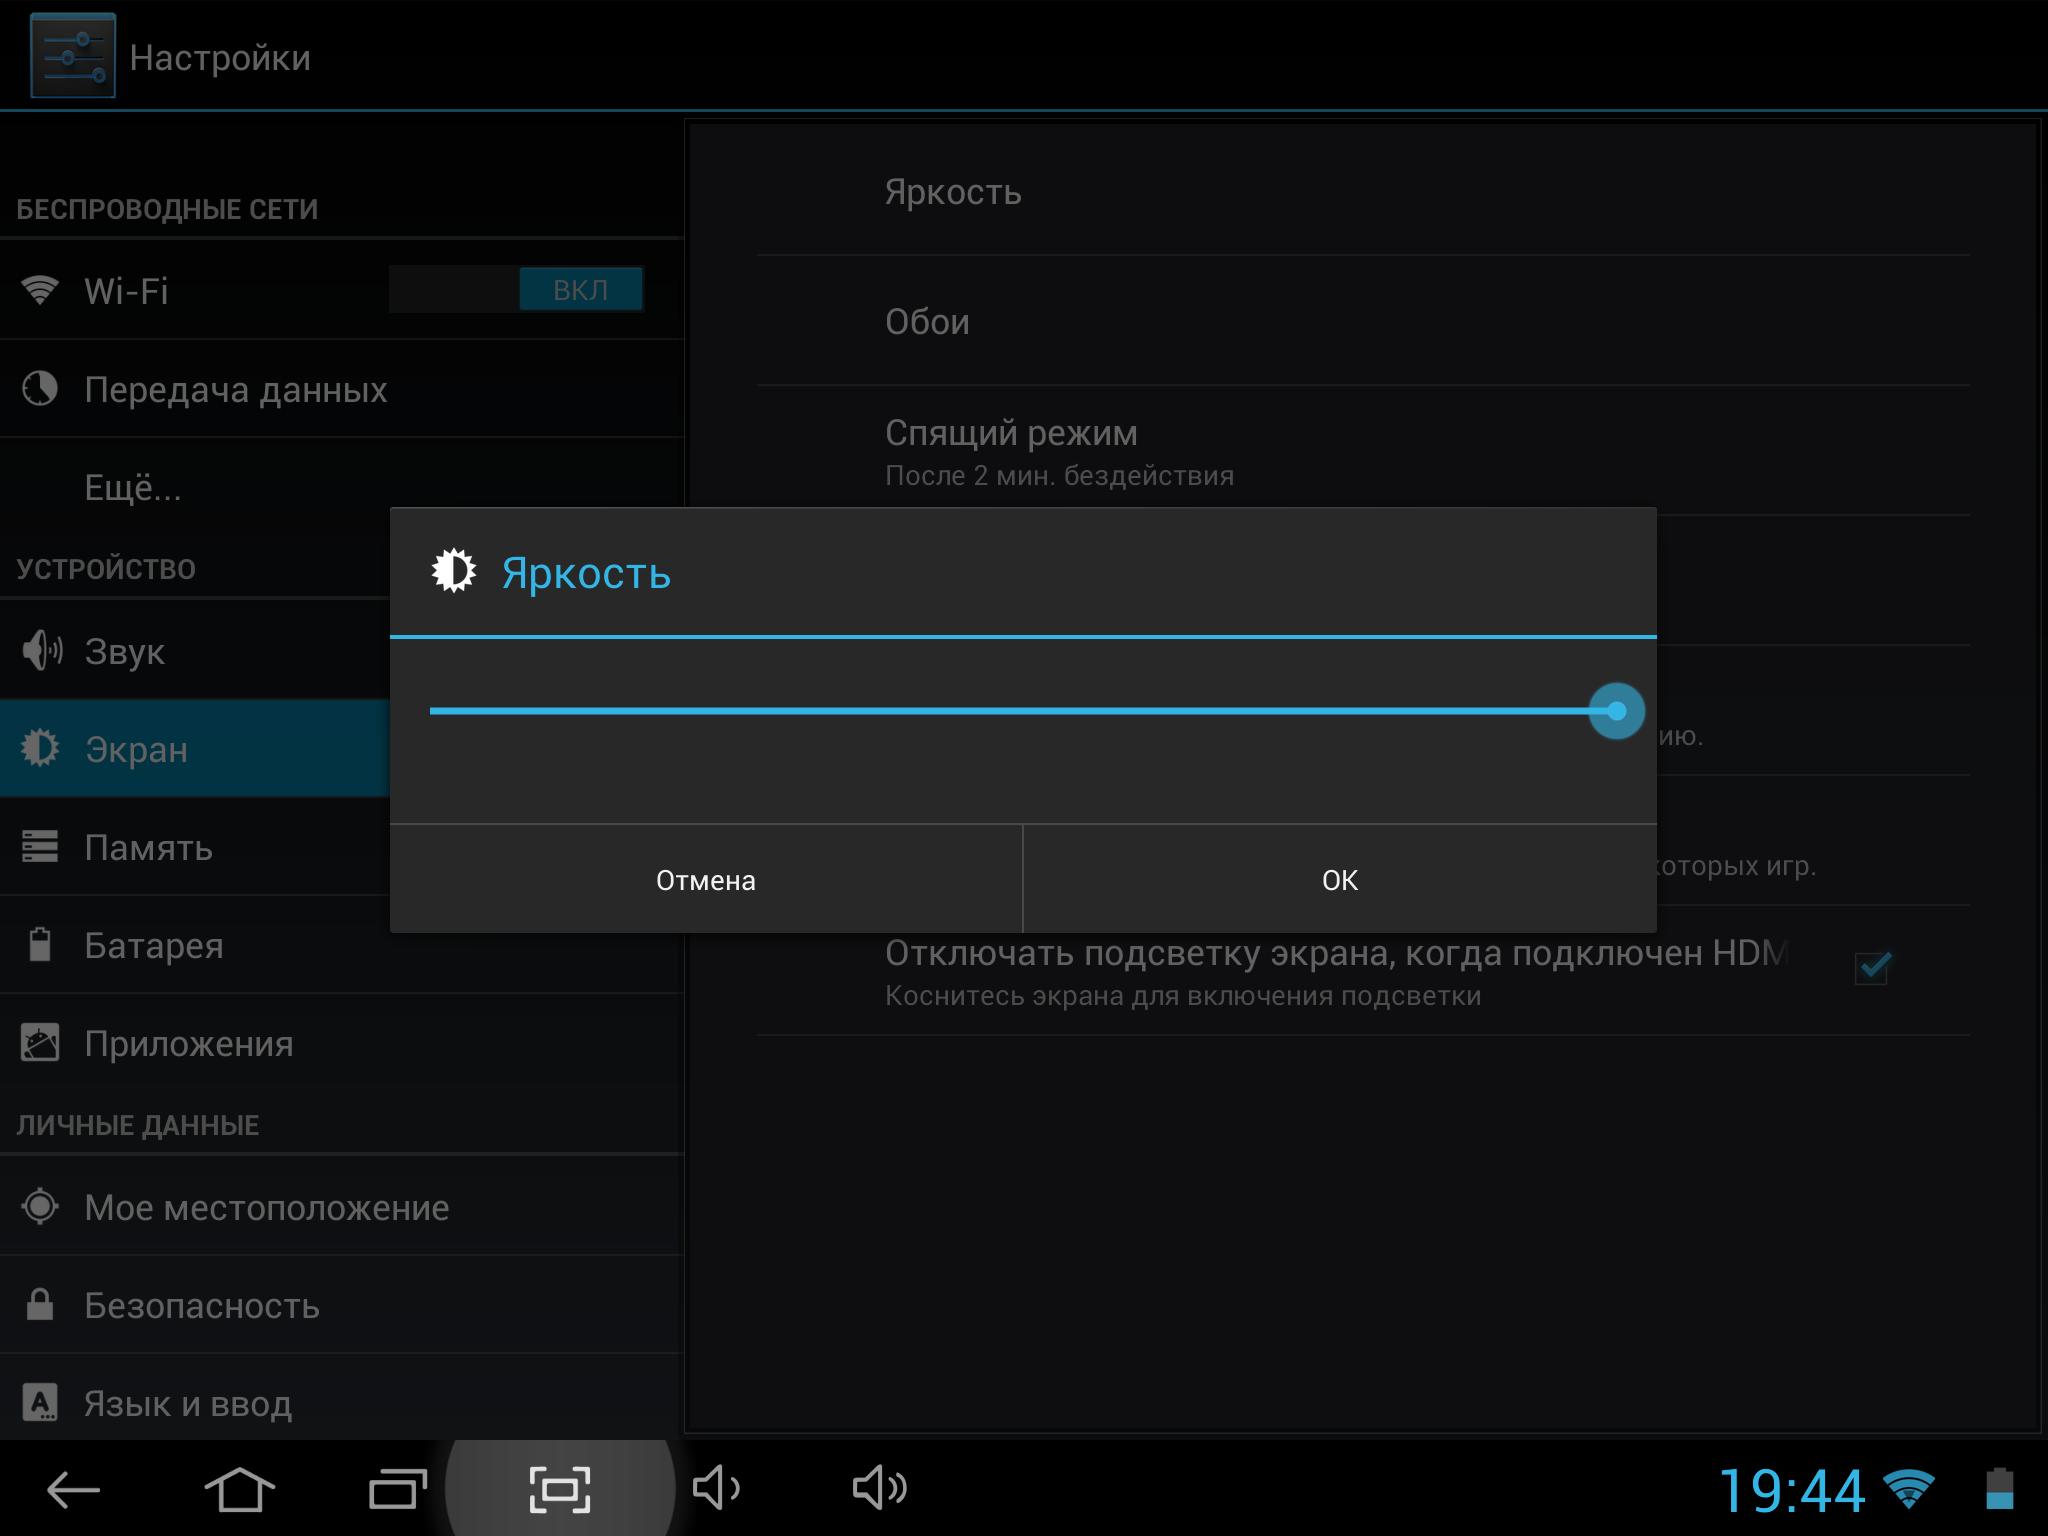 Как на планшете texet сделать скриншот экрана